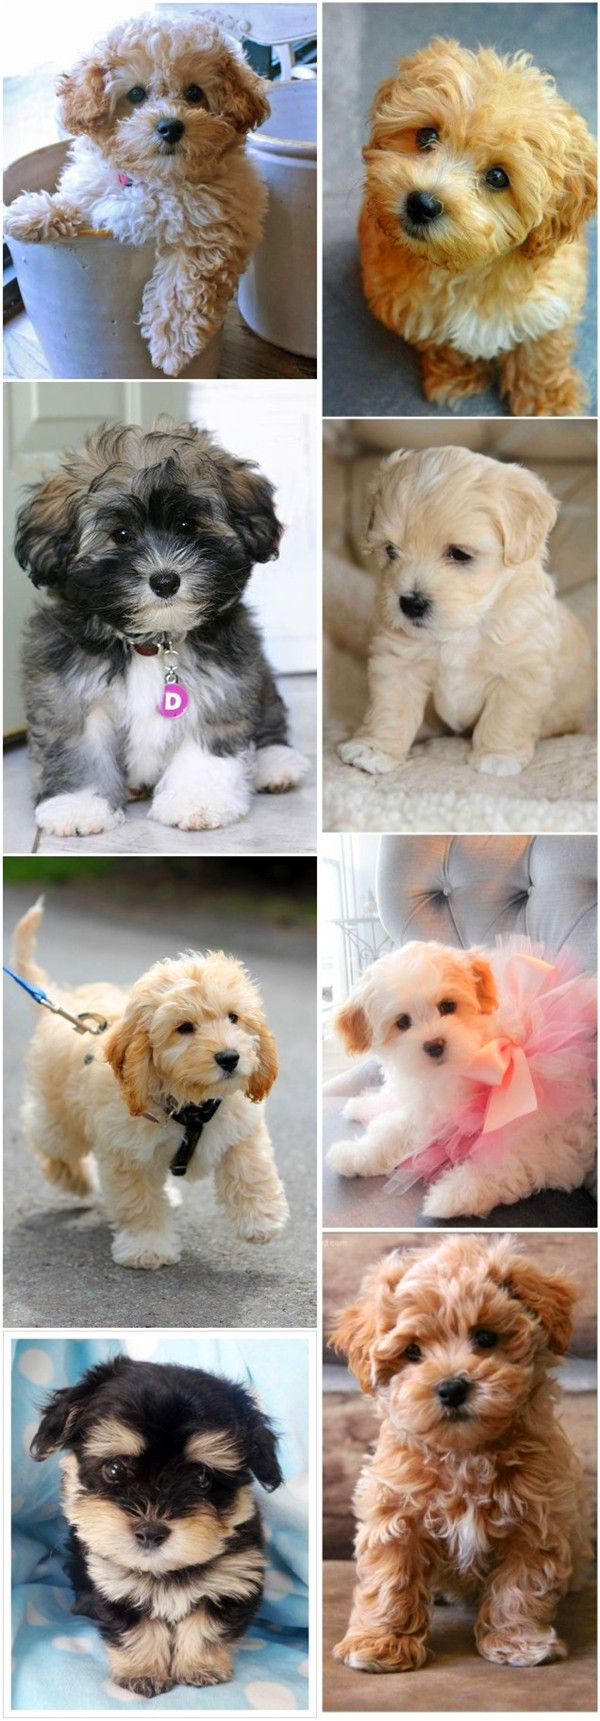 Die 15 süßesten kleinen Hunderassen